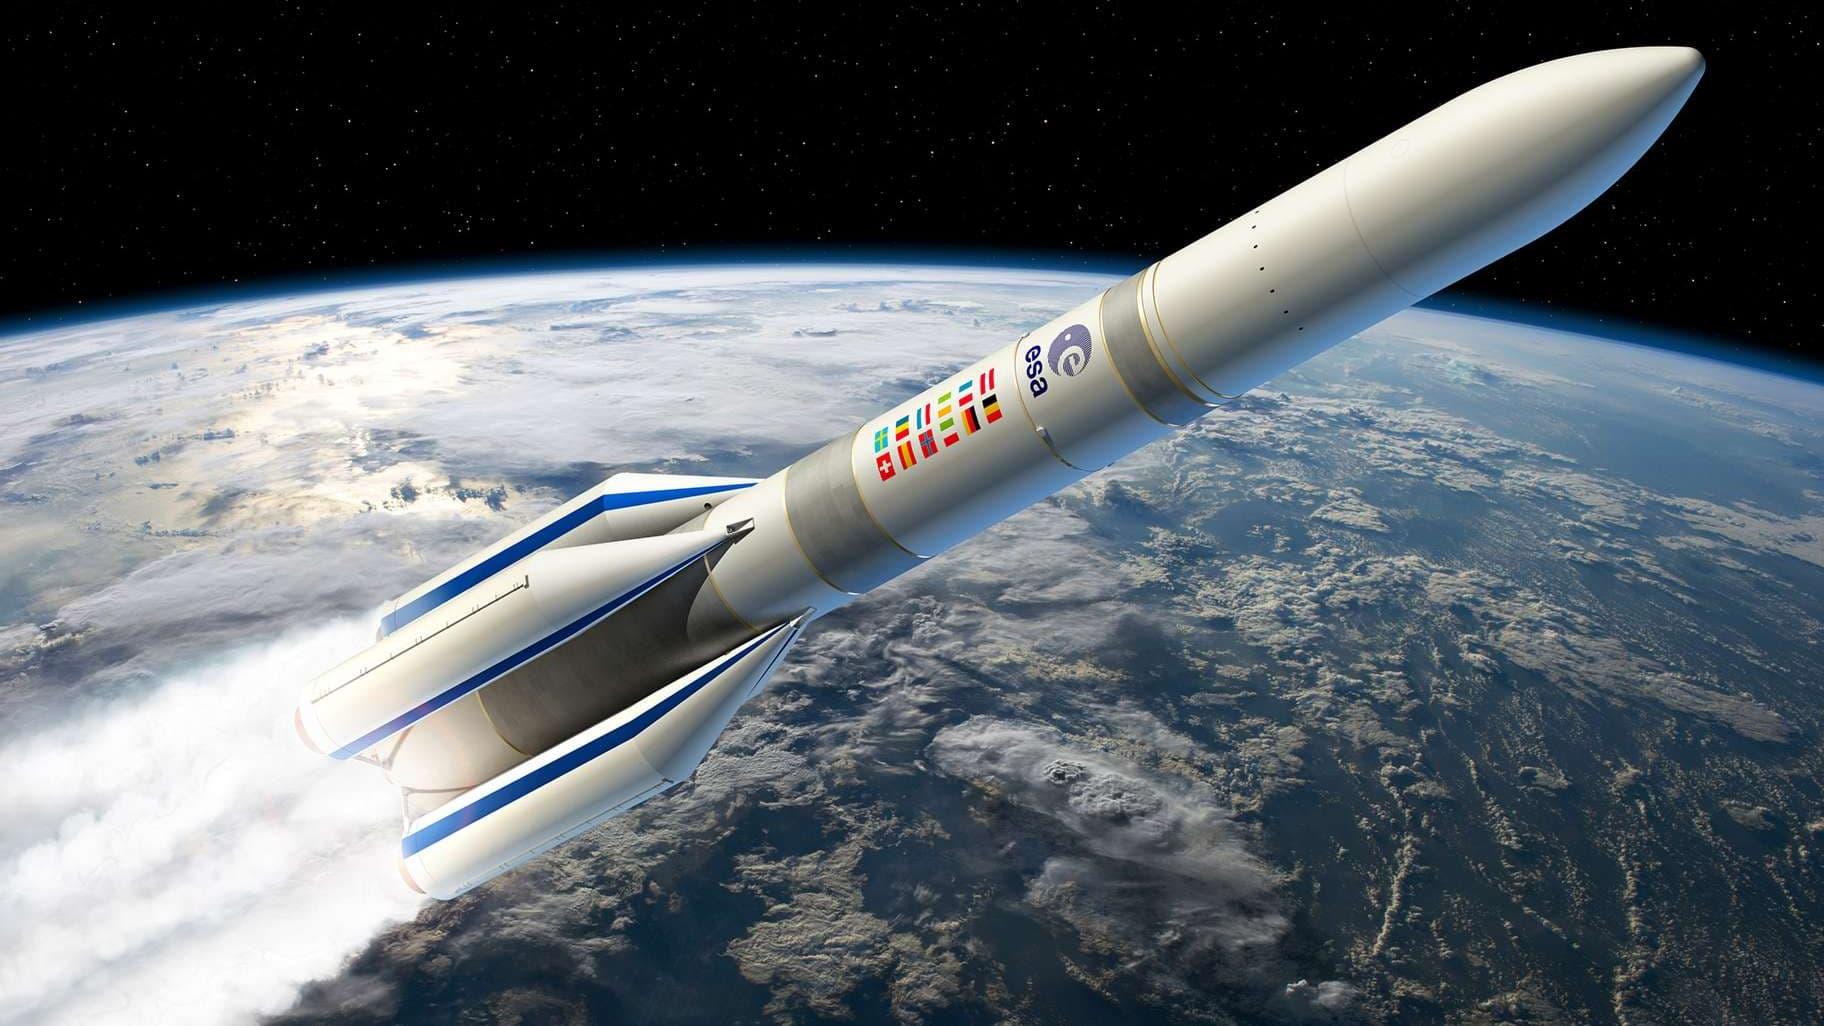 Le premier tir d'Ariane 6 aura finalement lieu au deuxième trimestre 2022